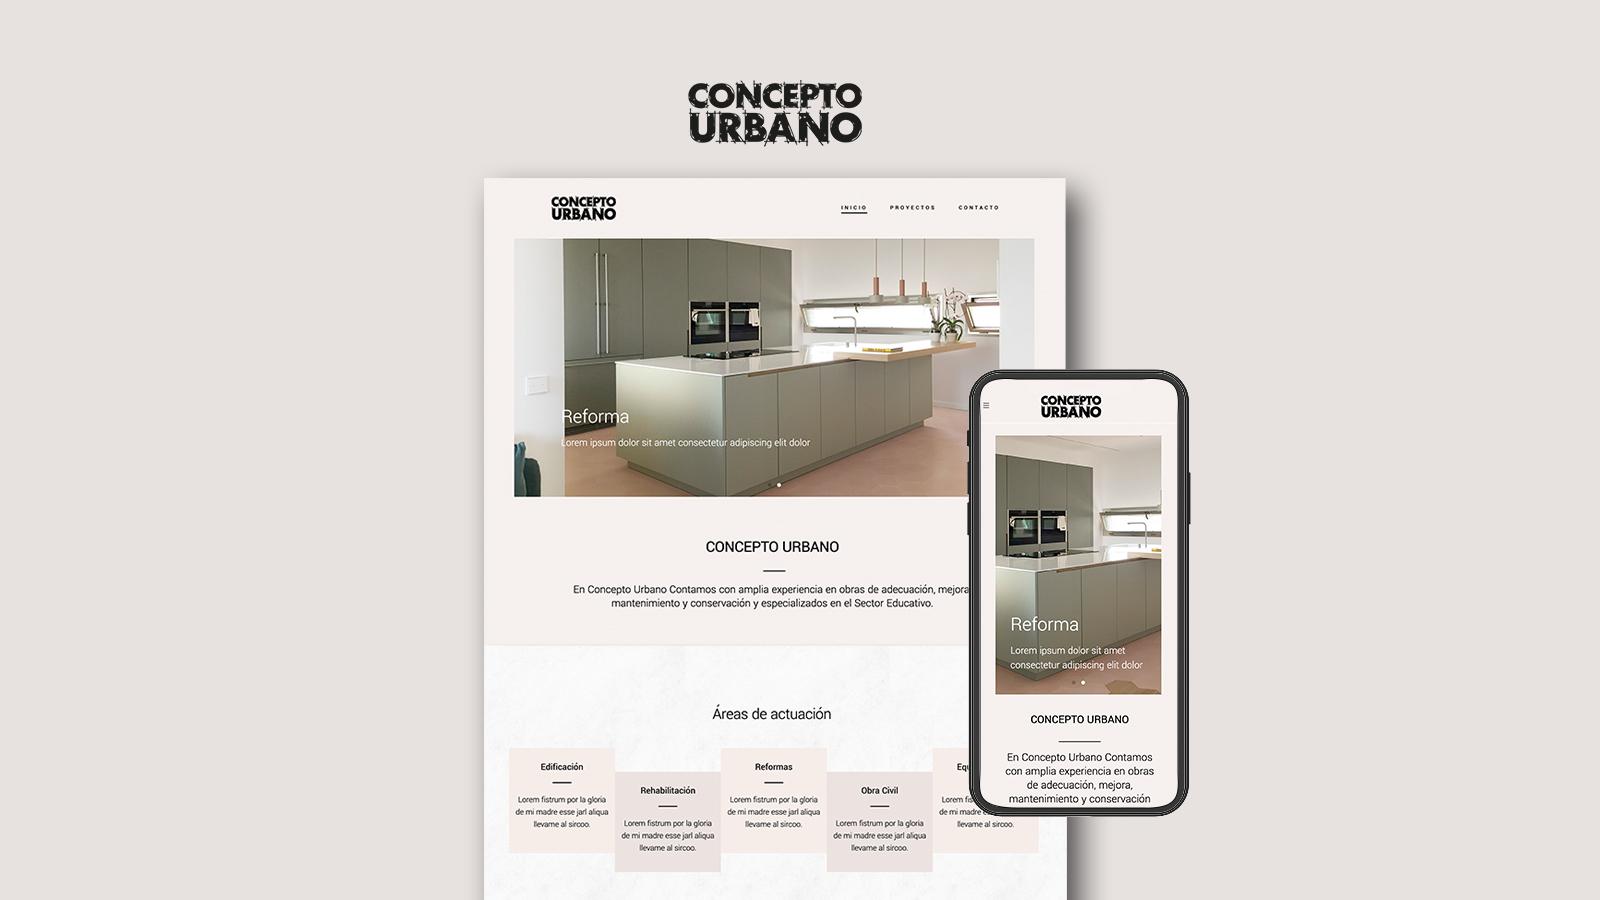 Diseño web Arquitectura y Construcción - Branding y posicionamiento de marca